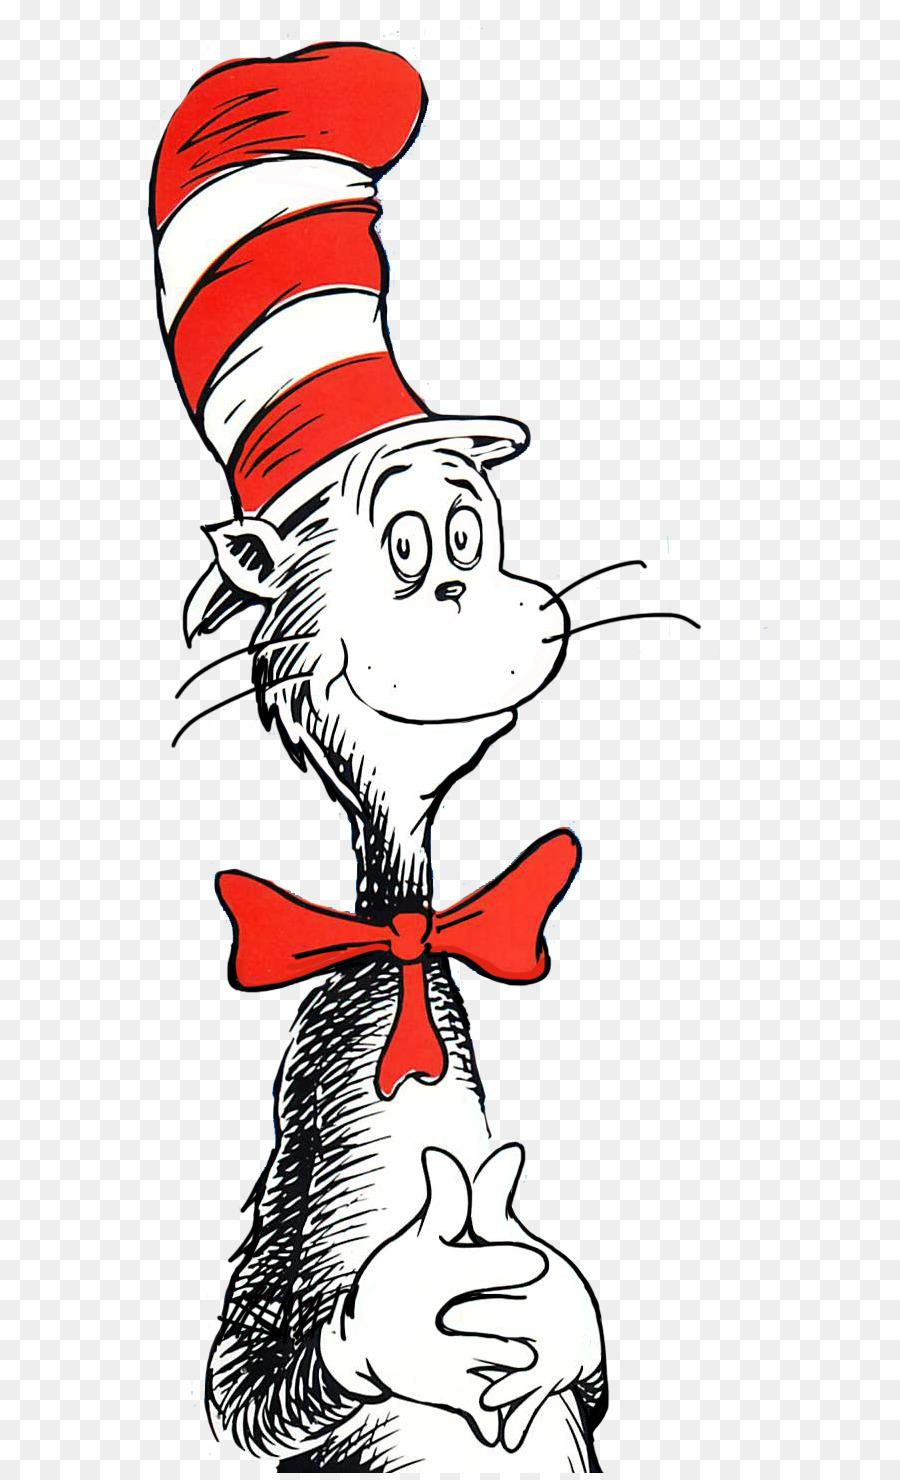 Dr Seuss Hat Vector at GetDrawings.com.